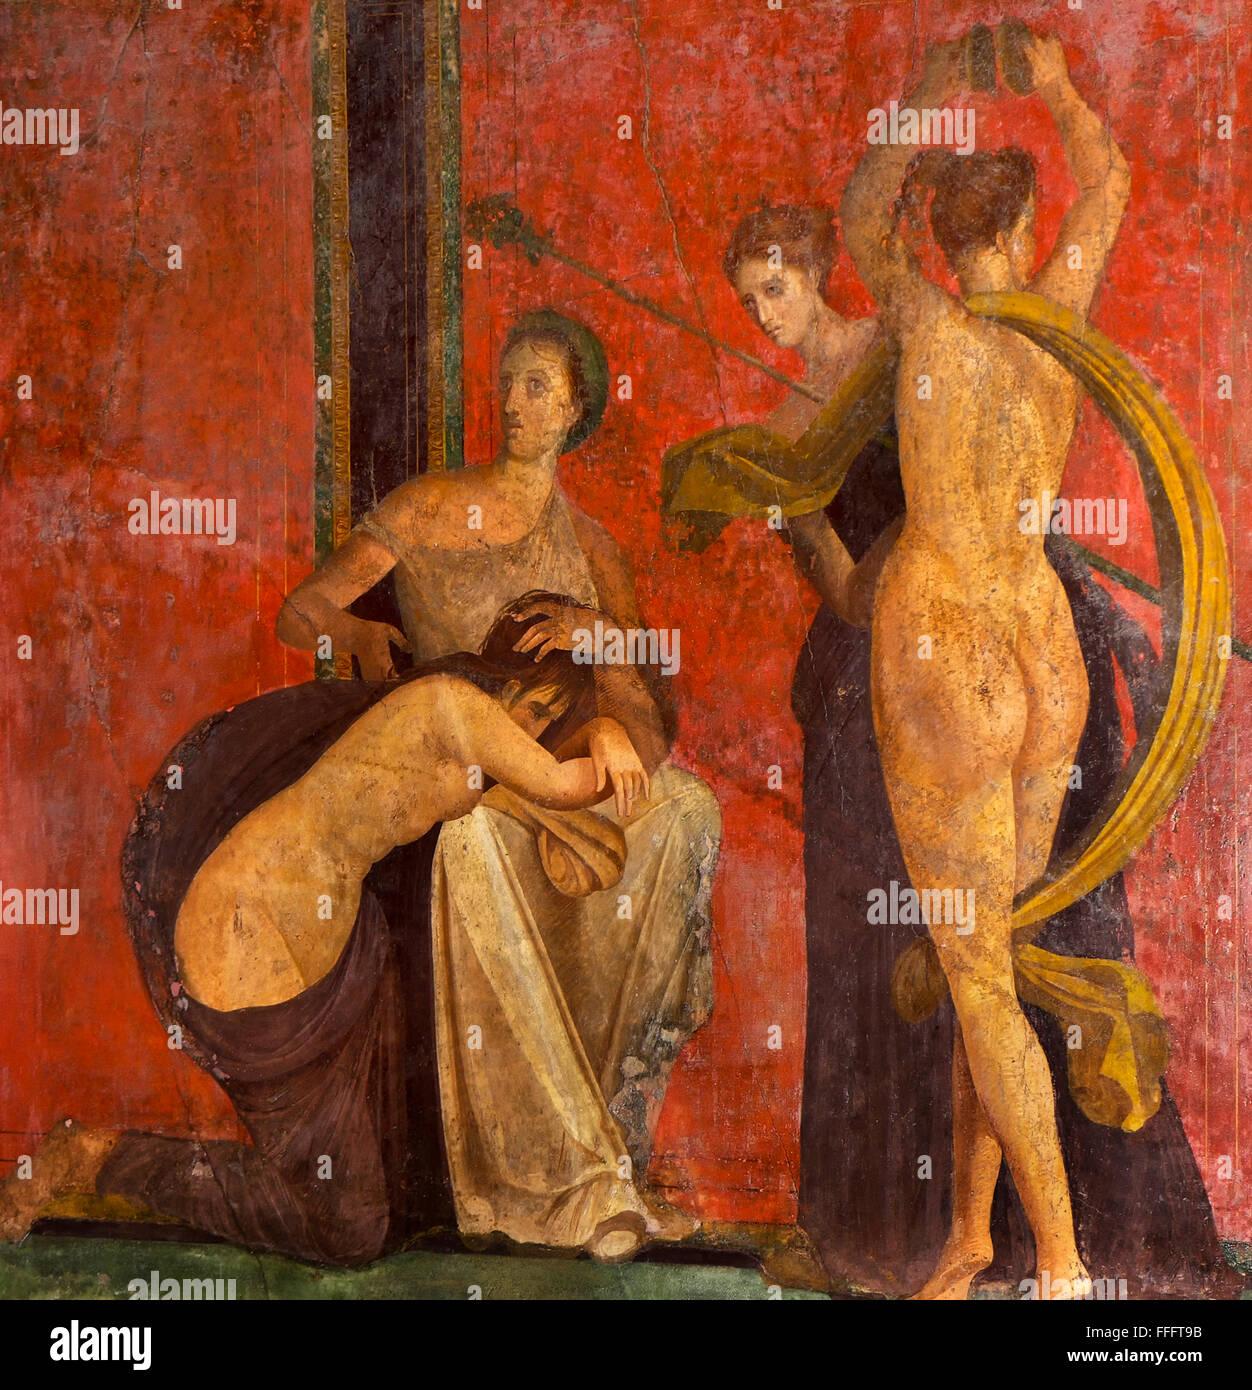 NAPLES, ITALY   JANUARY 14, 2015 Fresco from Pompeii, Villa of Mysteries. Italy - Stock Image